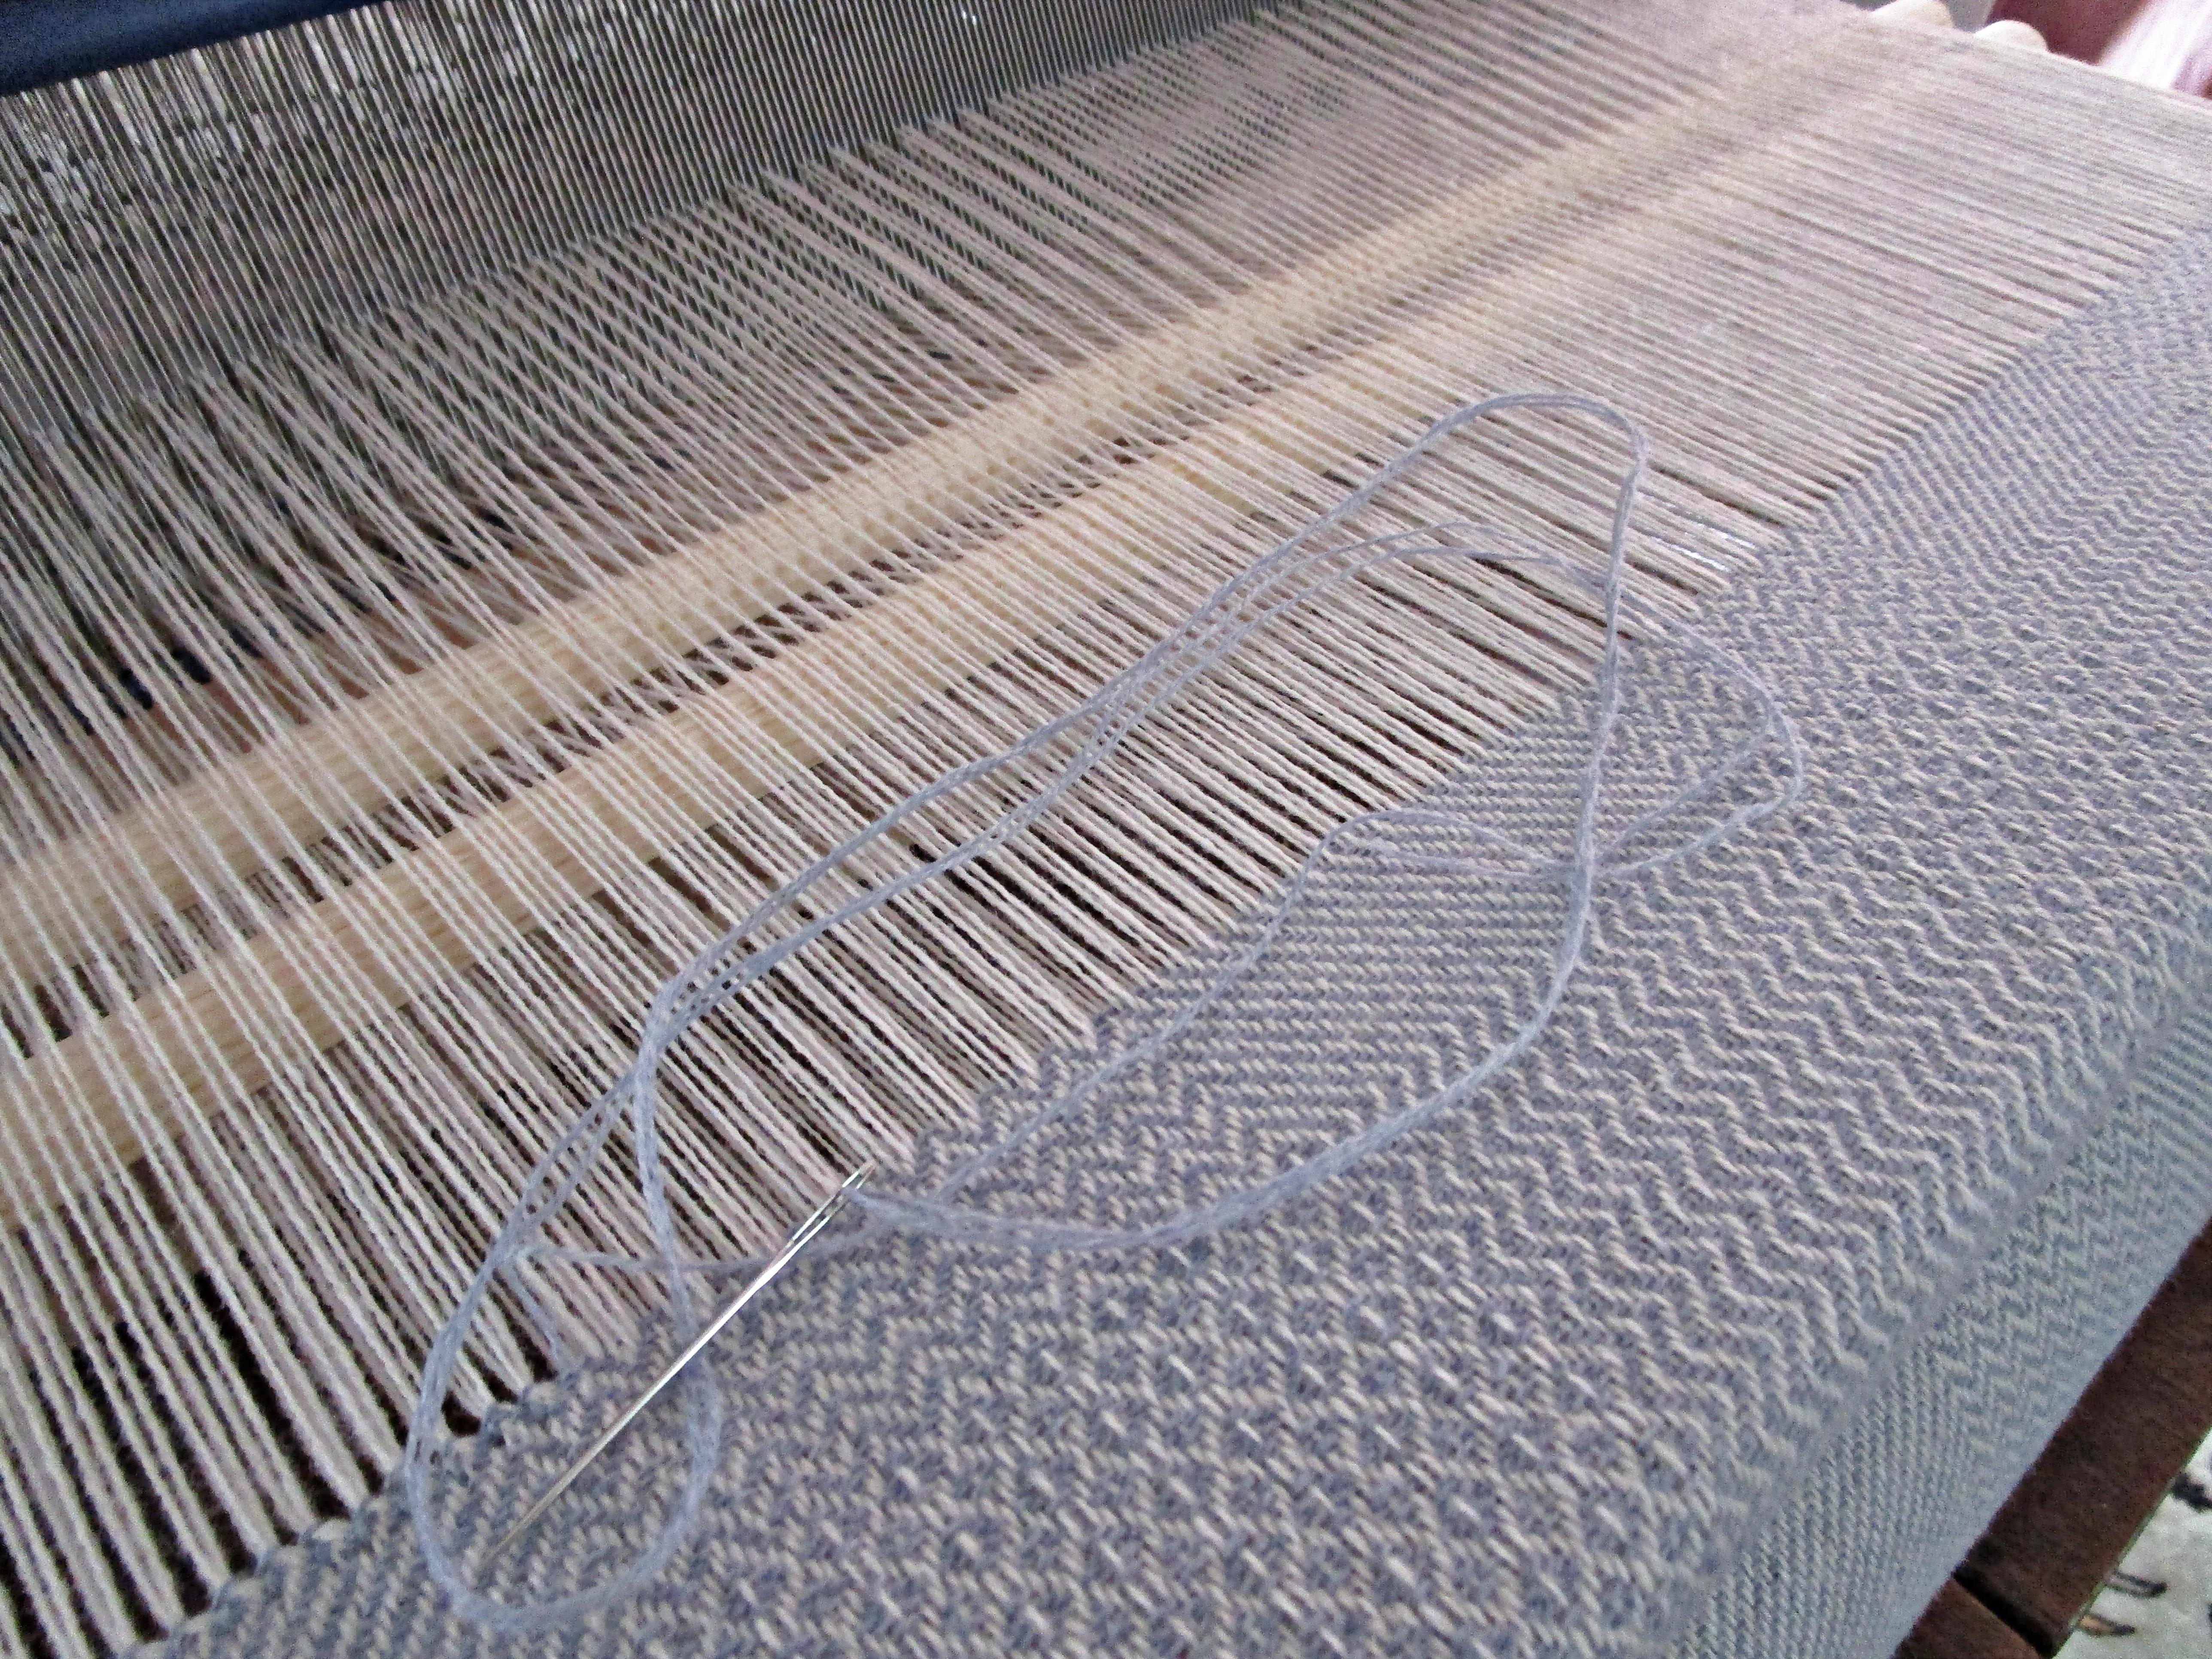 Sark_Twill_on the loom